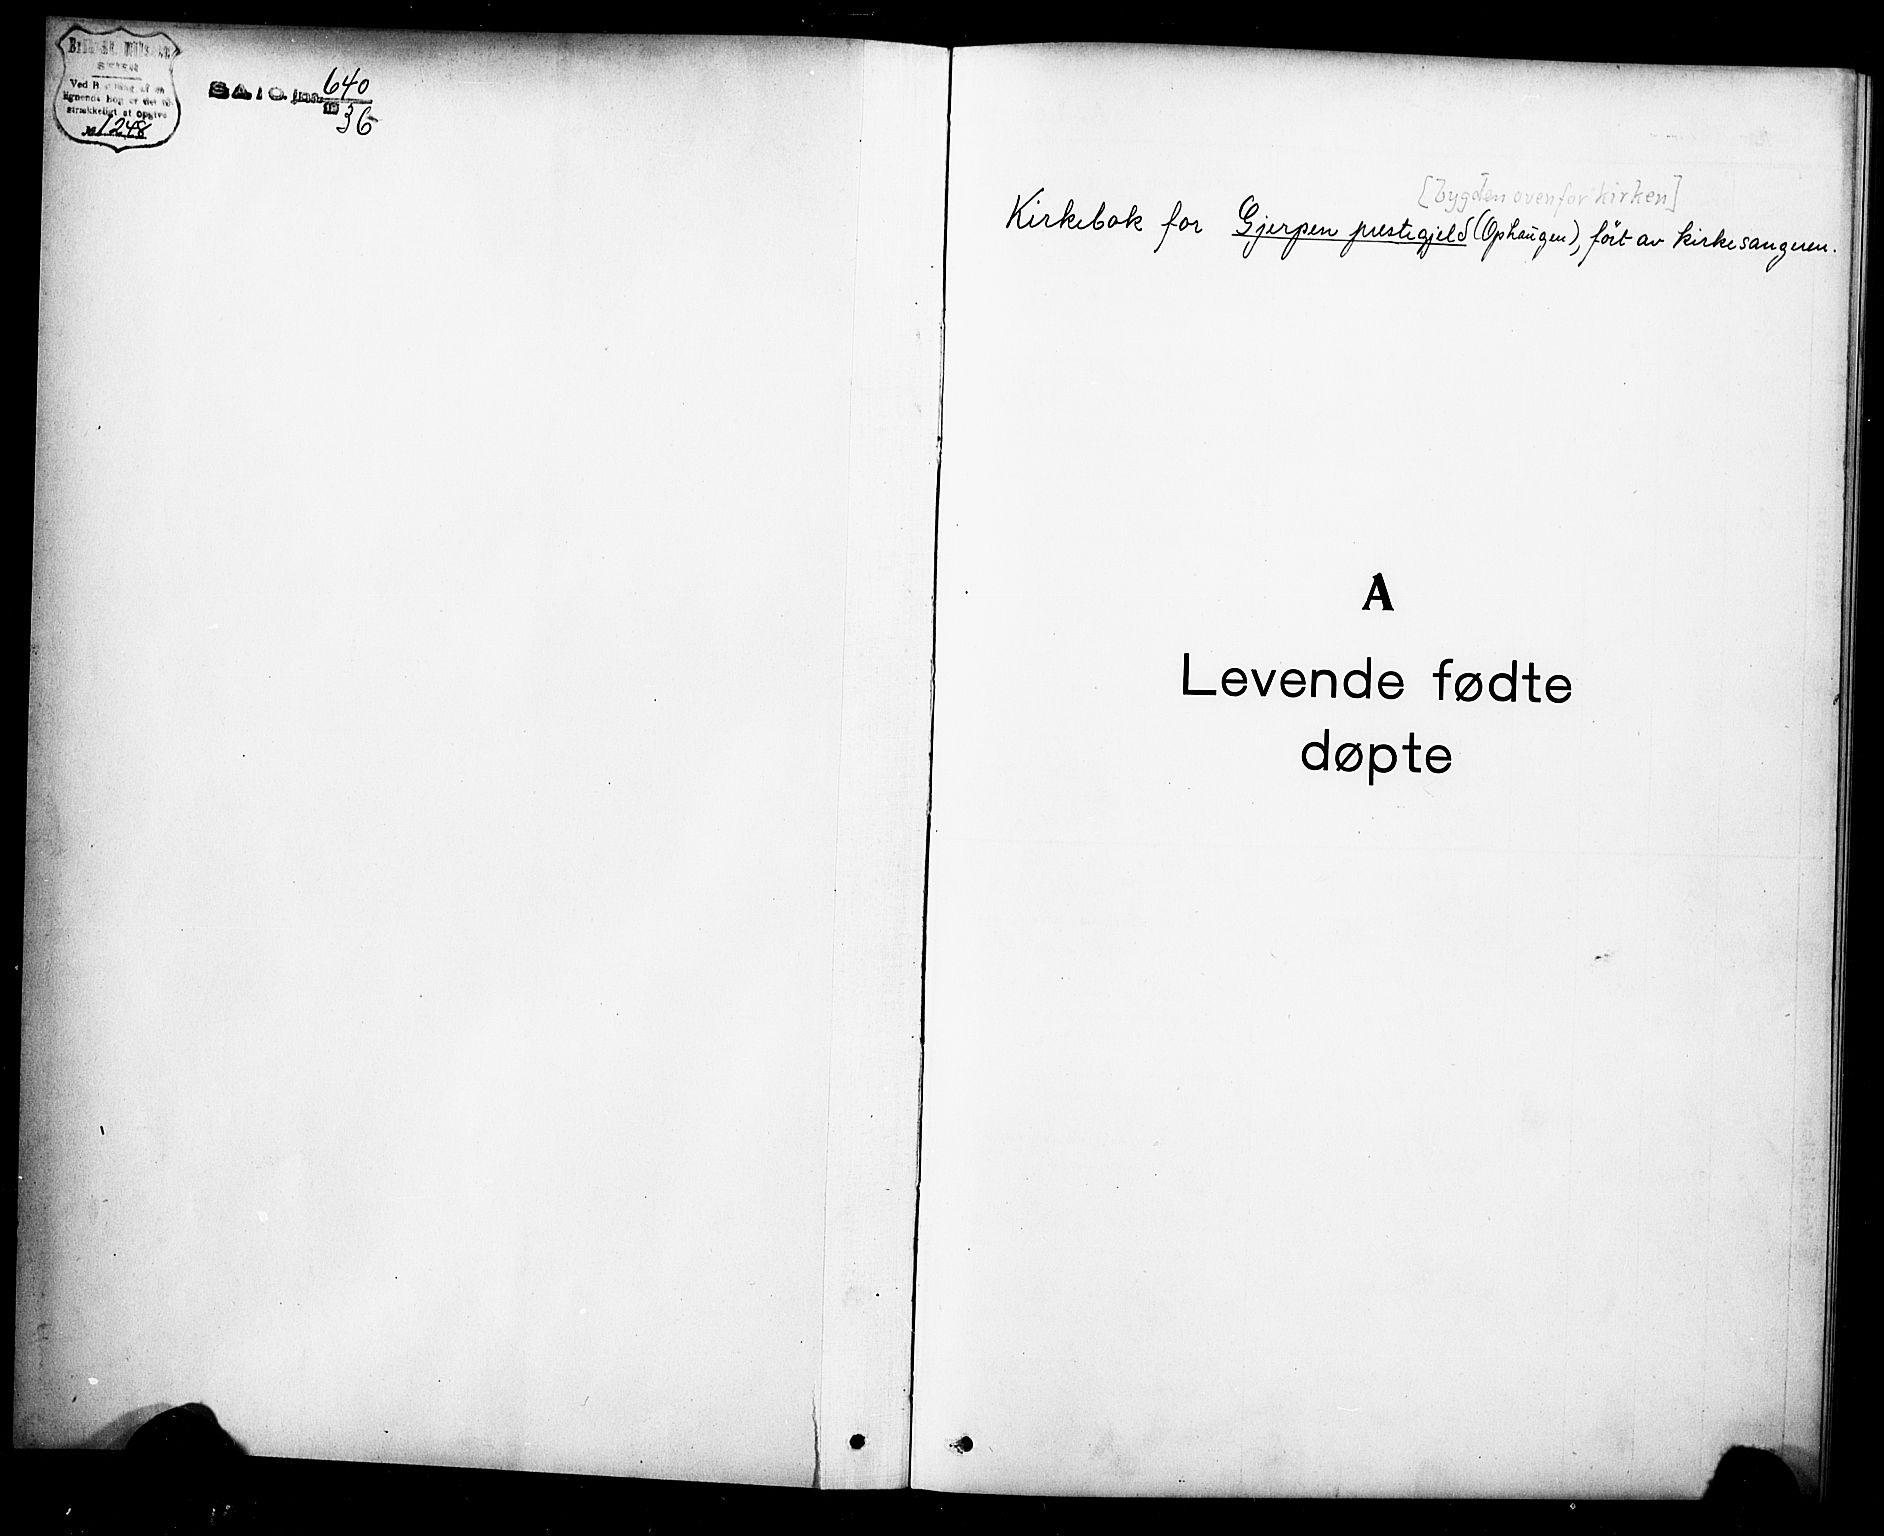 SAKO, Gjerpen kirkebøker, G/Ga/L0004: Klokkerbok nr. I 4, 1920-1931